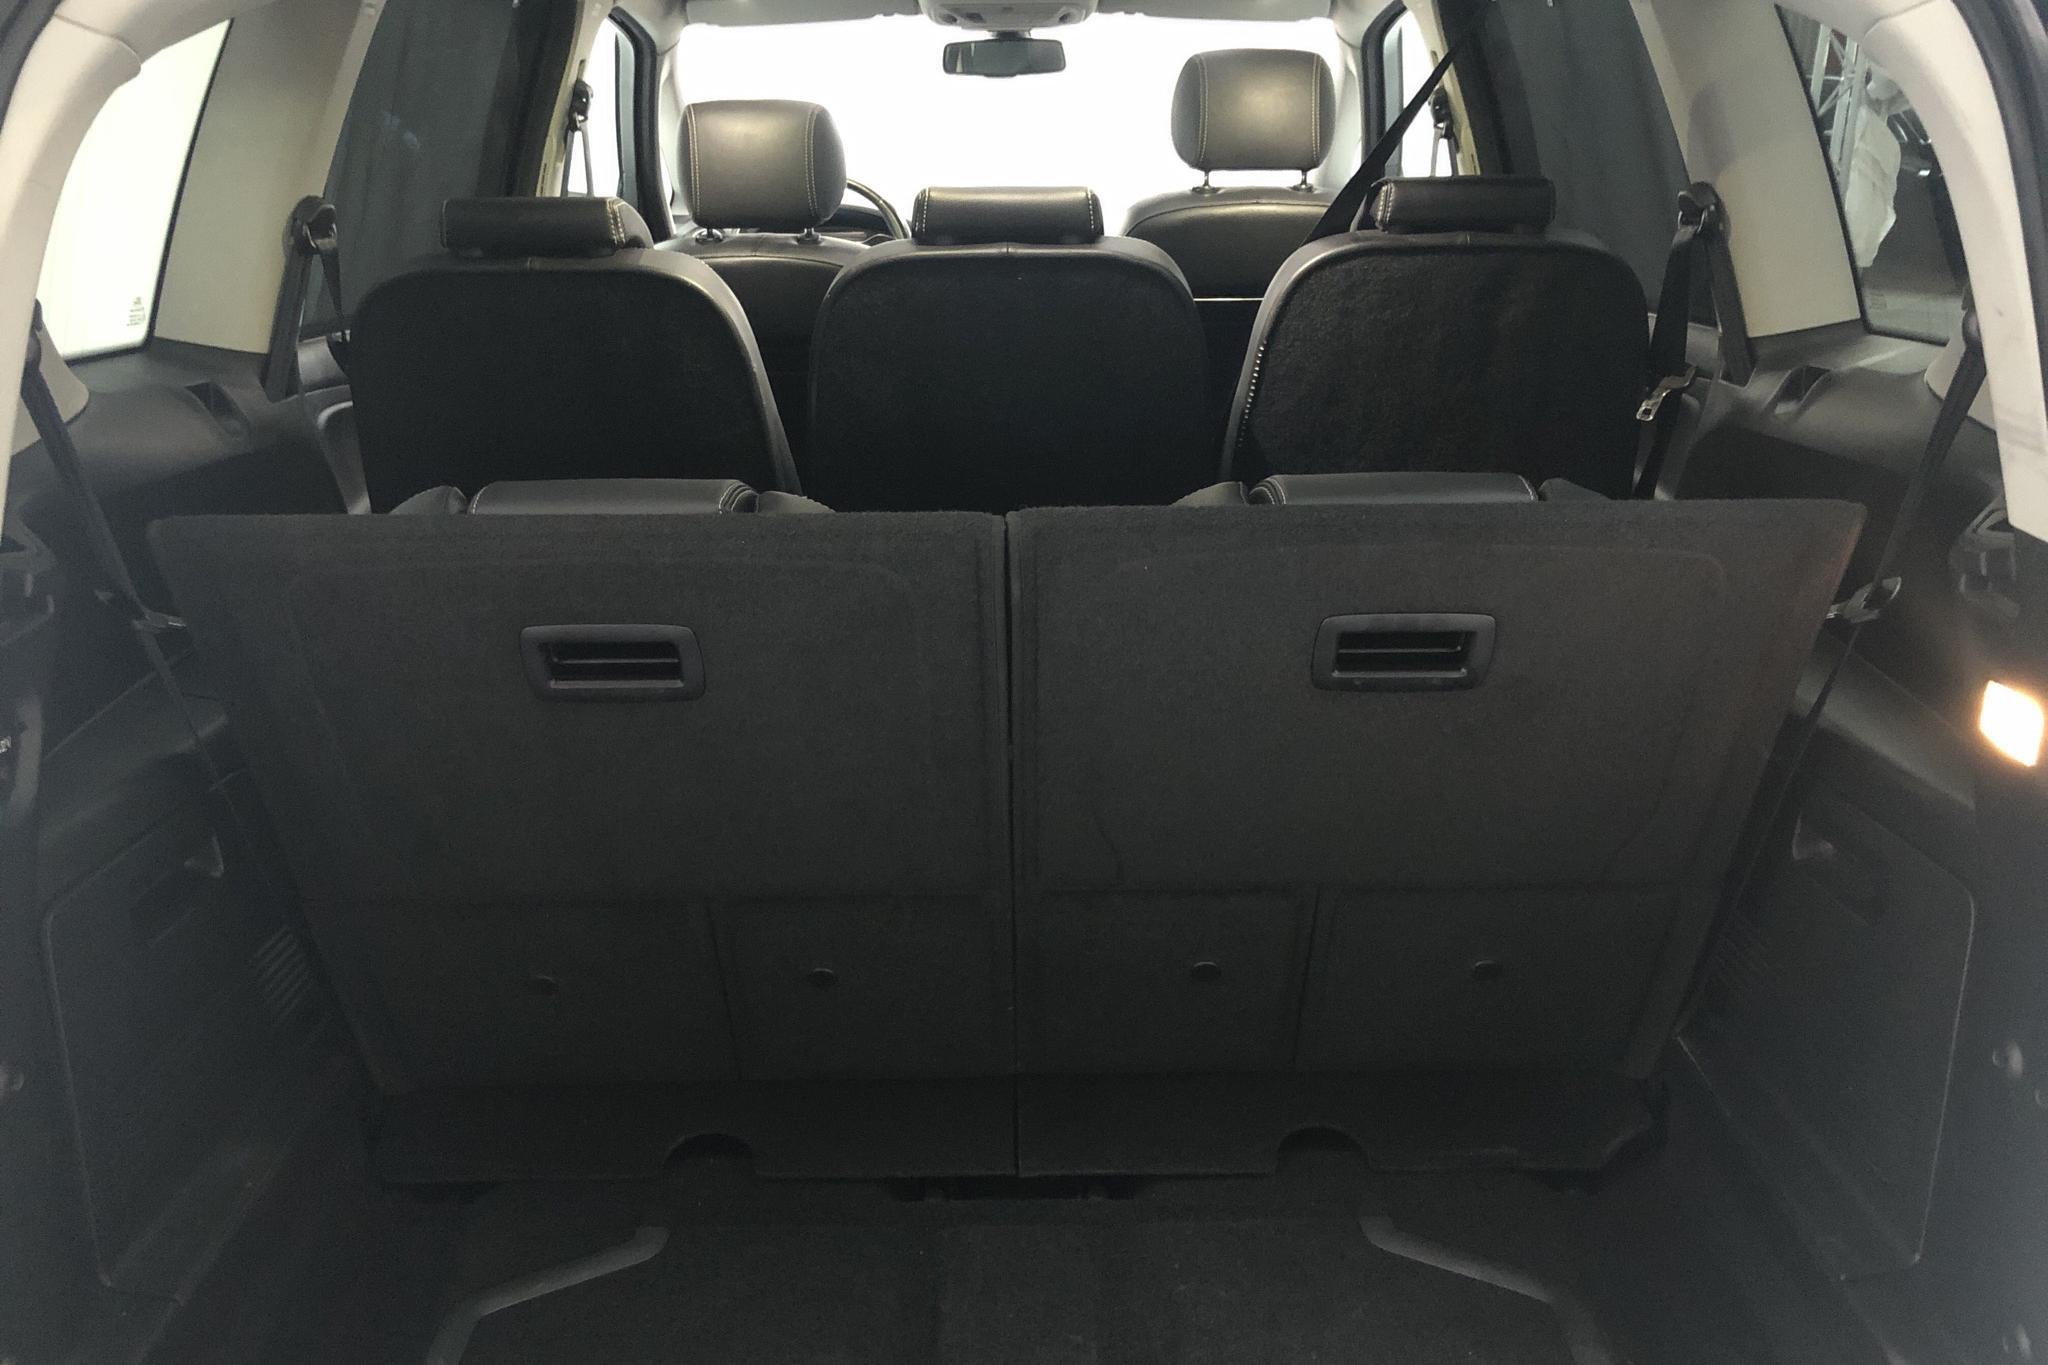 Ford S-MAX 2.0 Duratorq TDCi (140hk) - 22 808 mil - Automat - svart - 2011